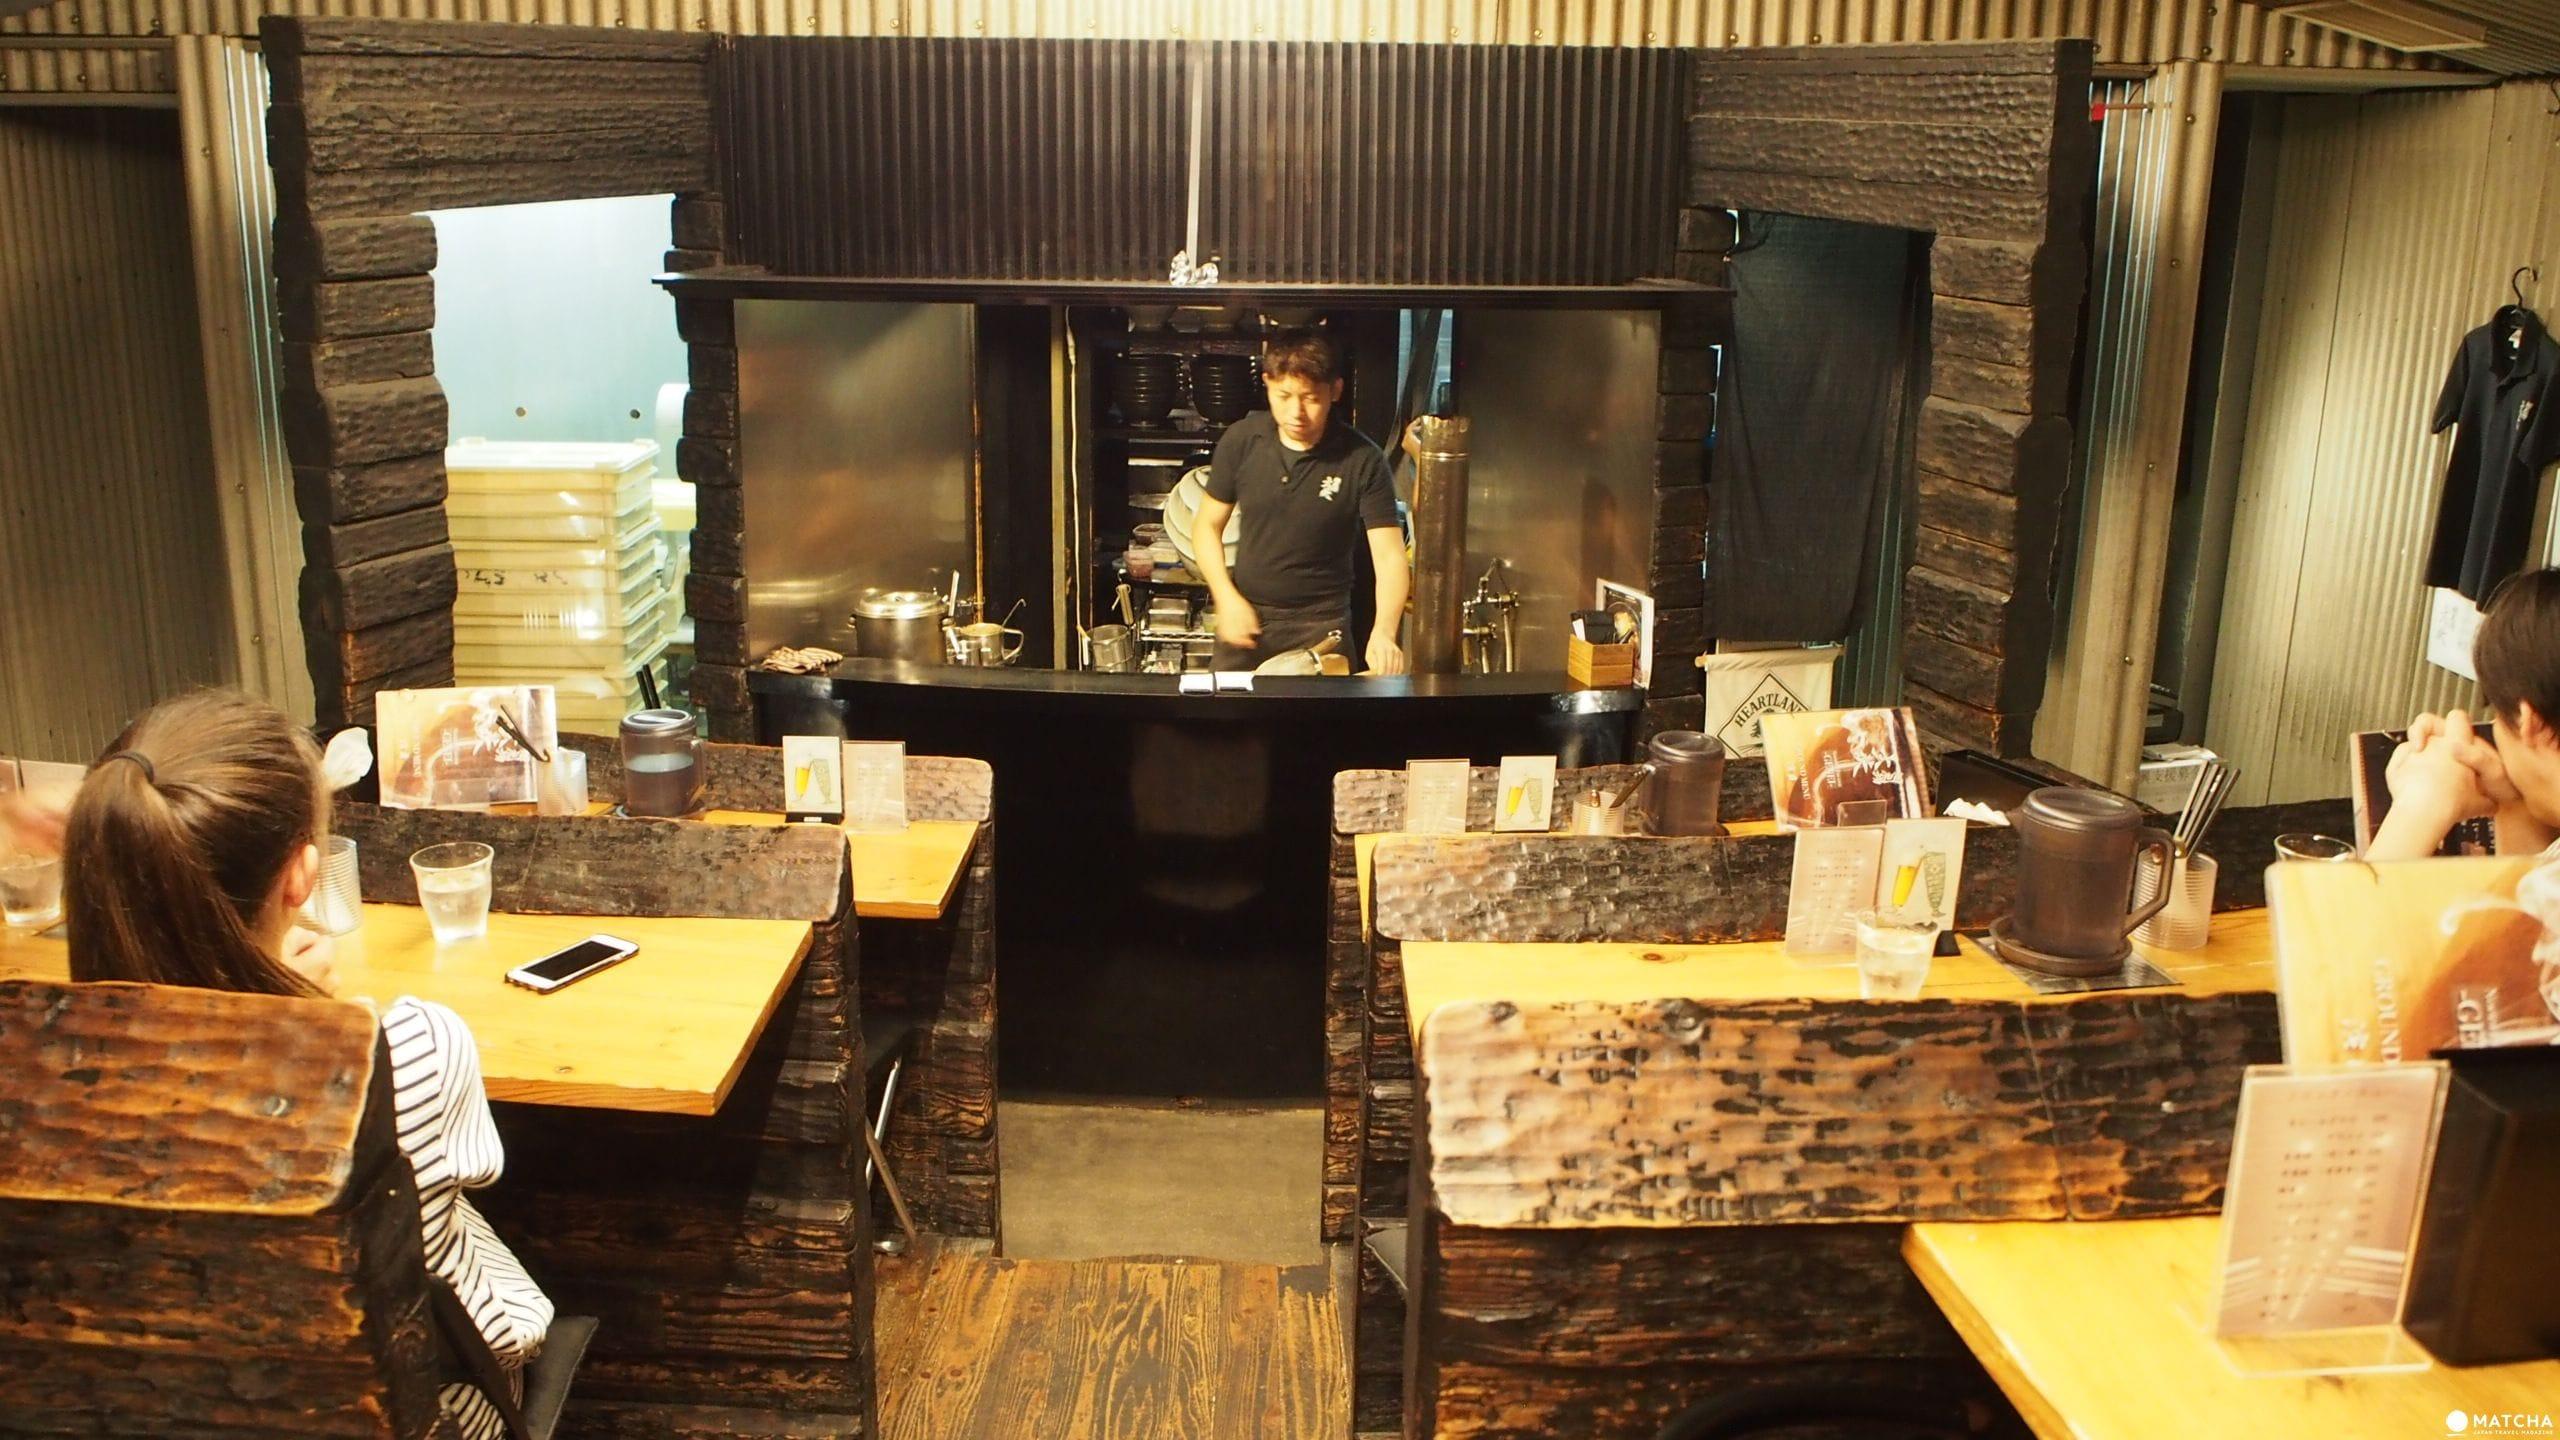 【福岡】在劇場裡吃拉麵!「麵劇場-玄瑛」